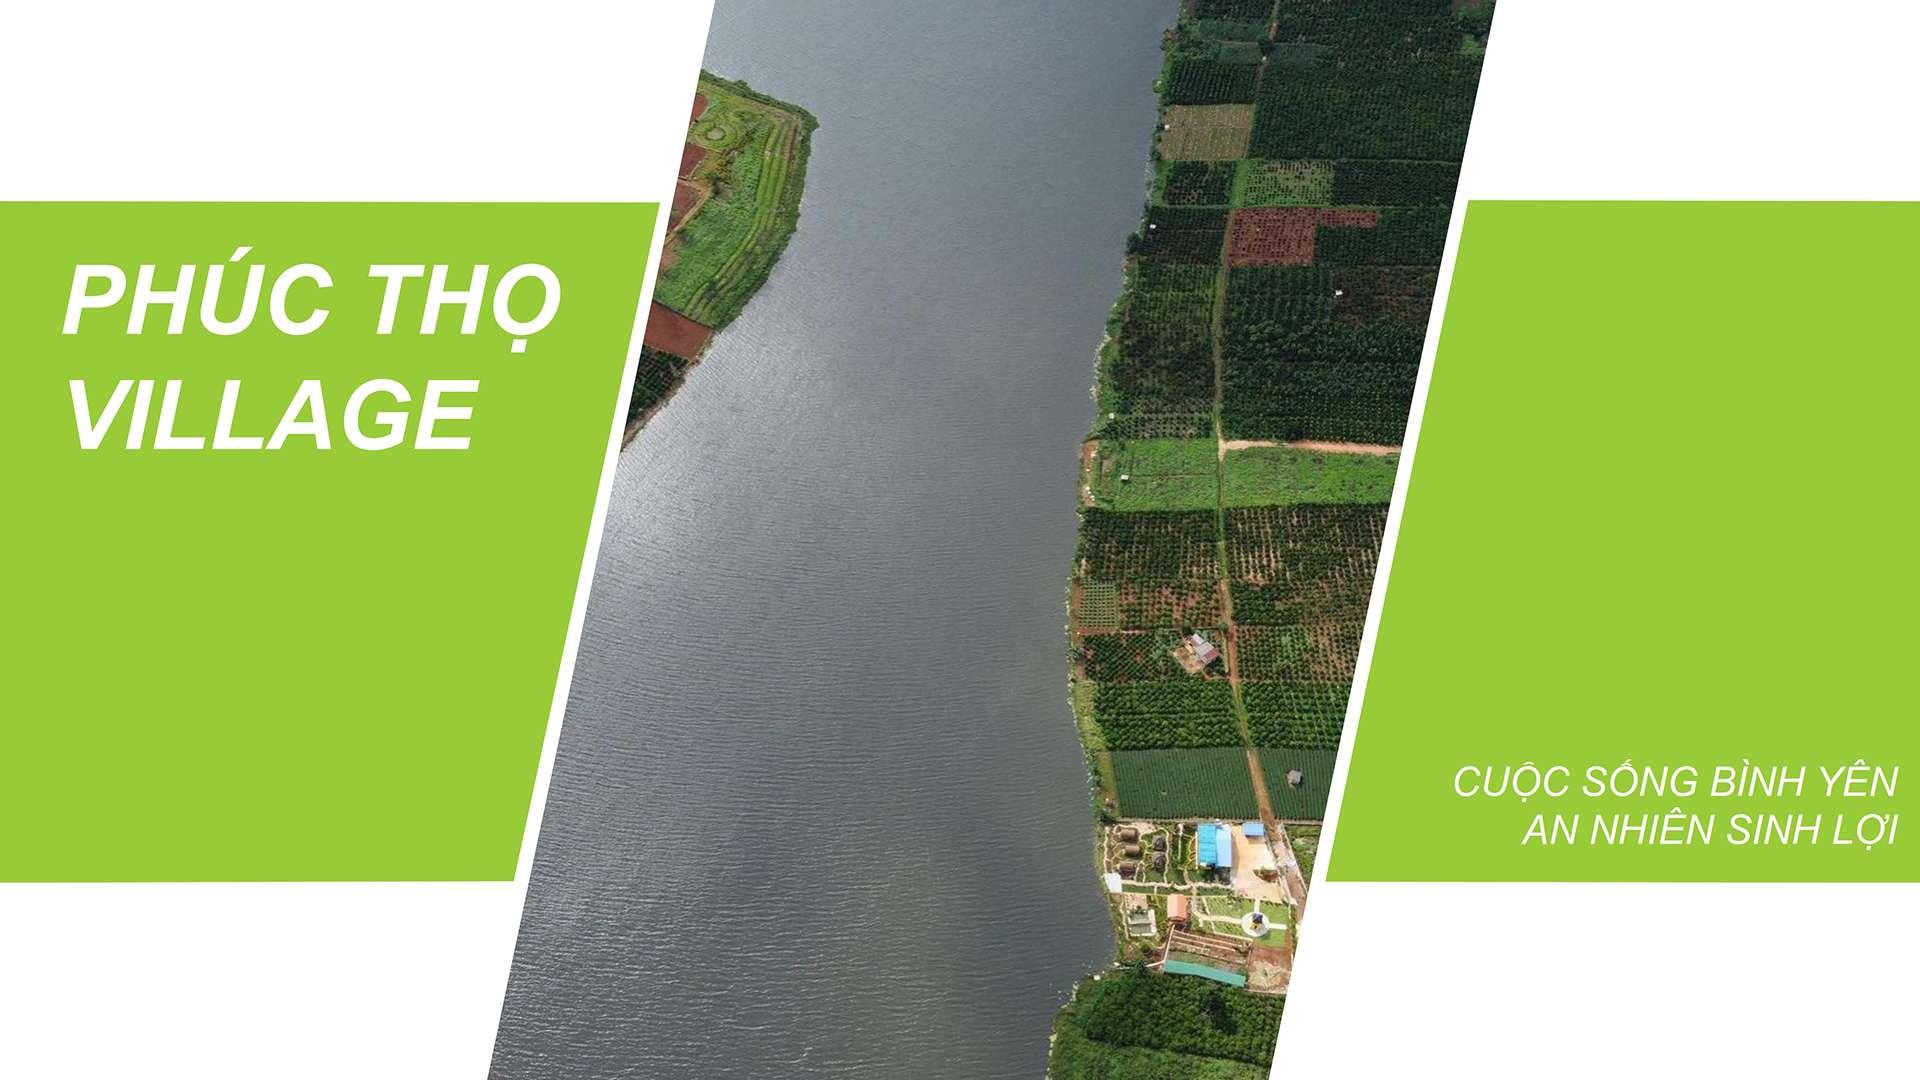 Bất động sản Lâm Đồng - Dự án Phúc Thọ Village